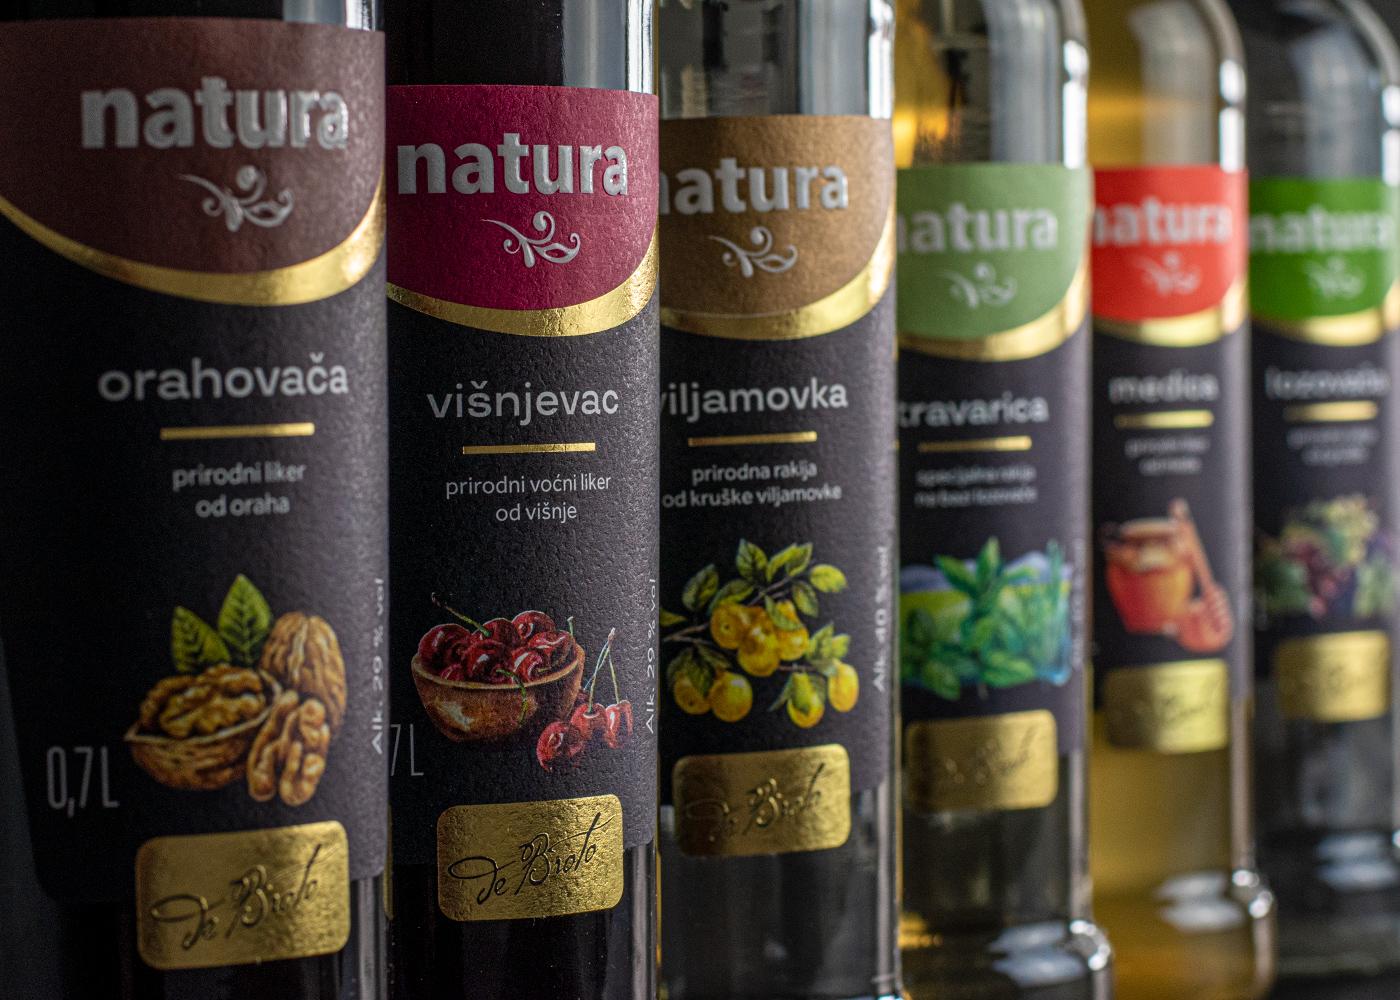 """Redizajn pakiranja linije proizvoda """"Natura"""""""